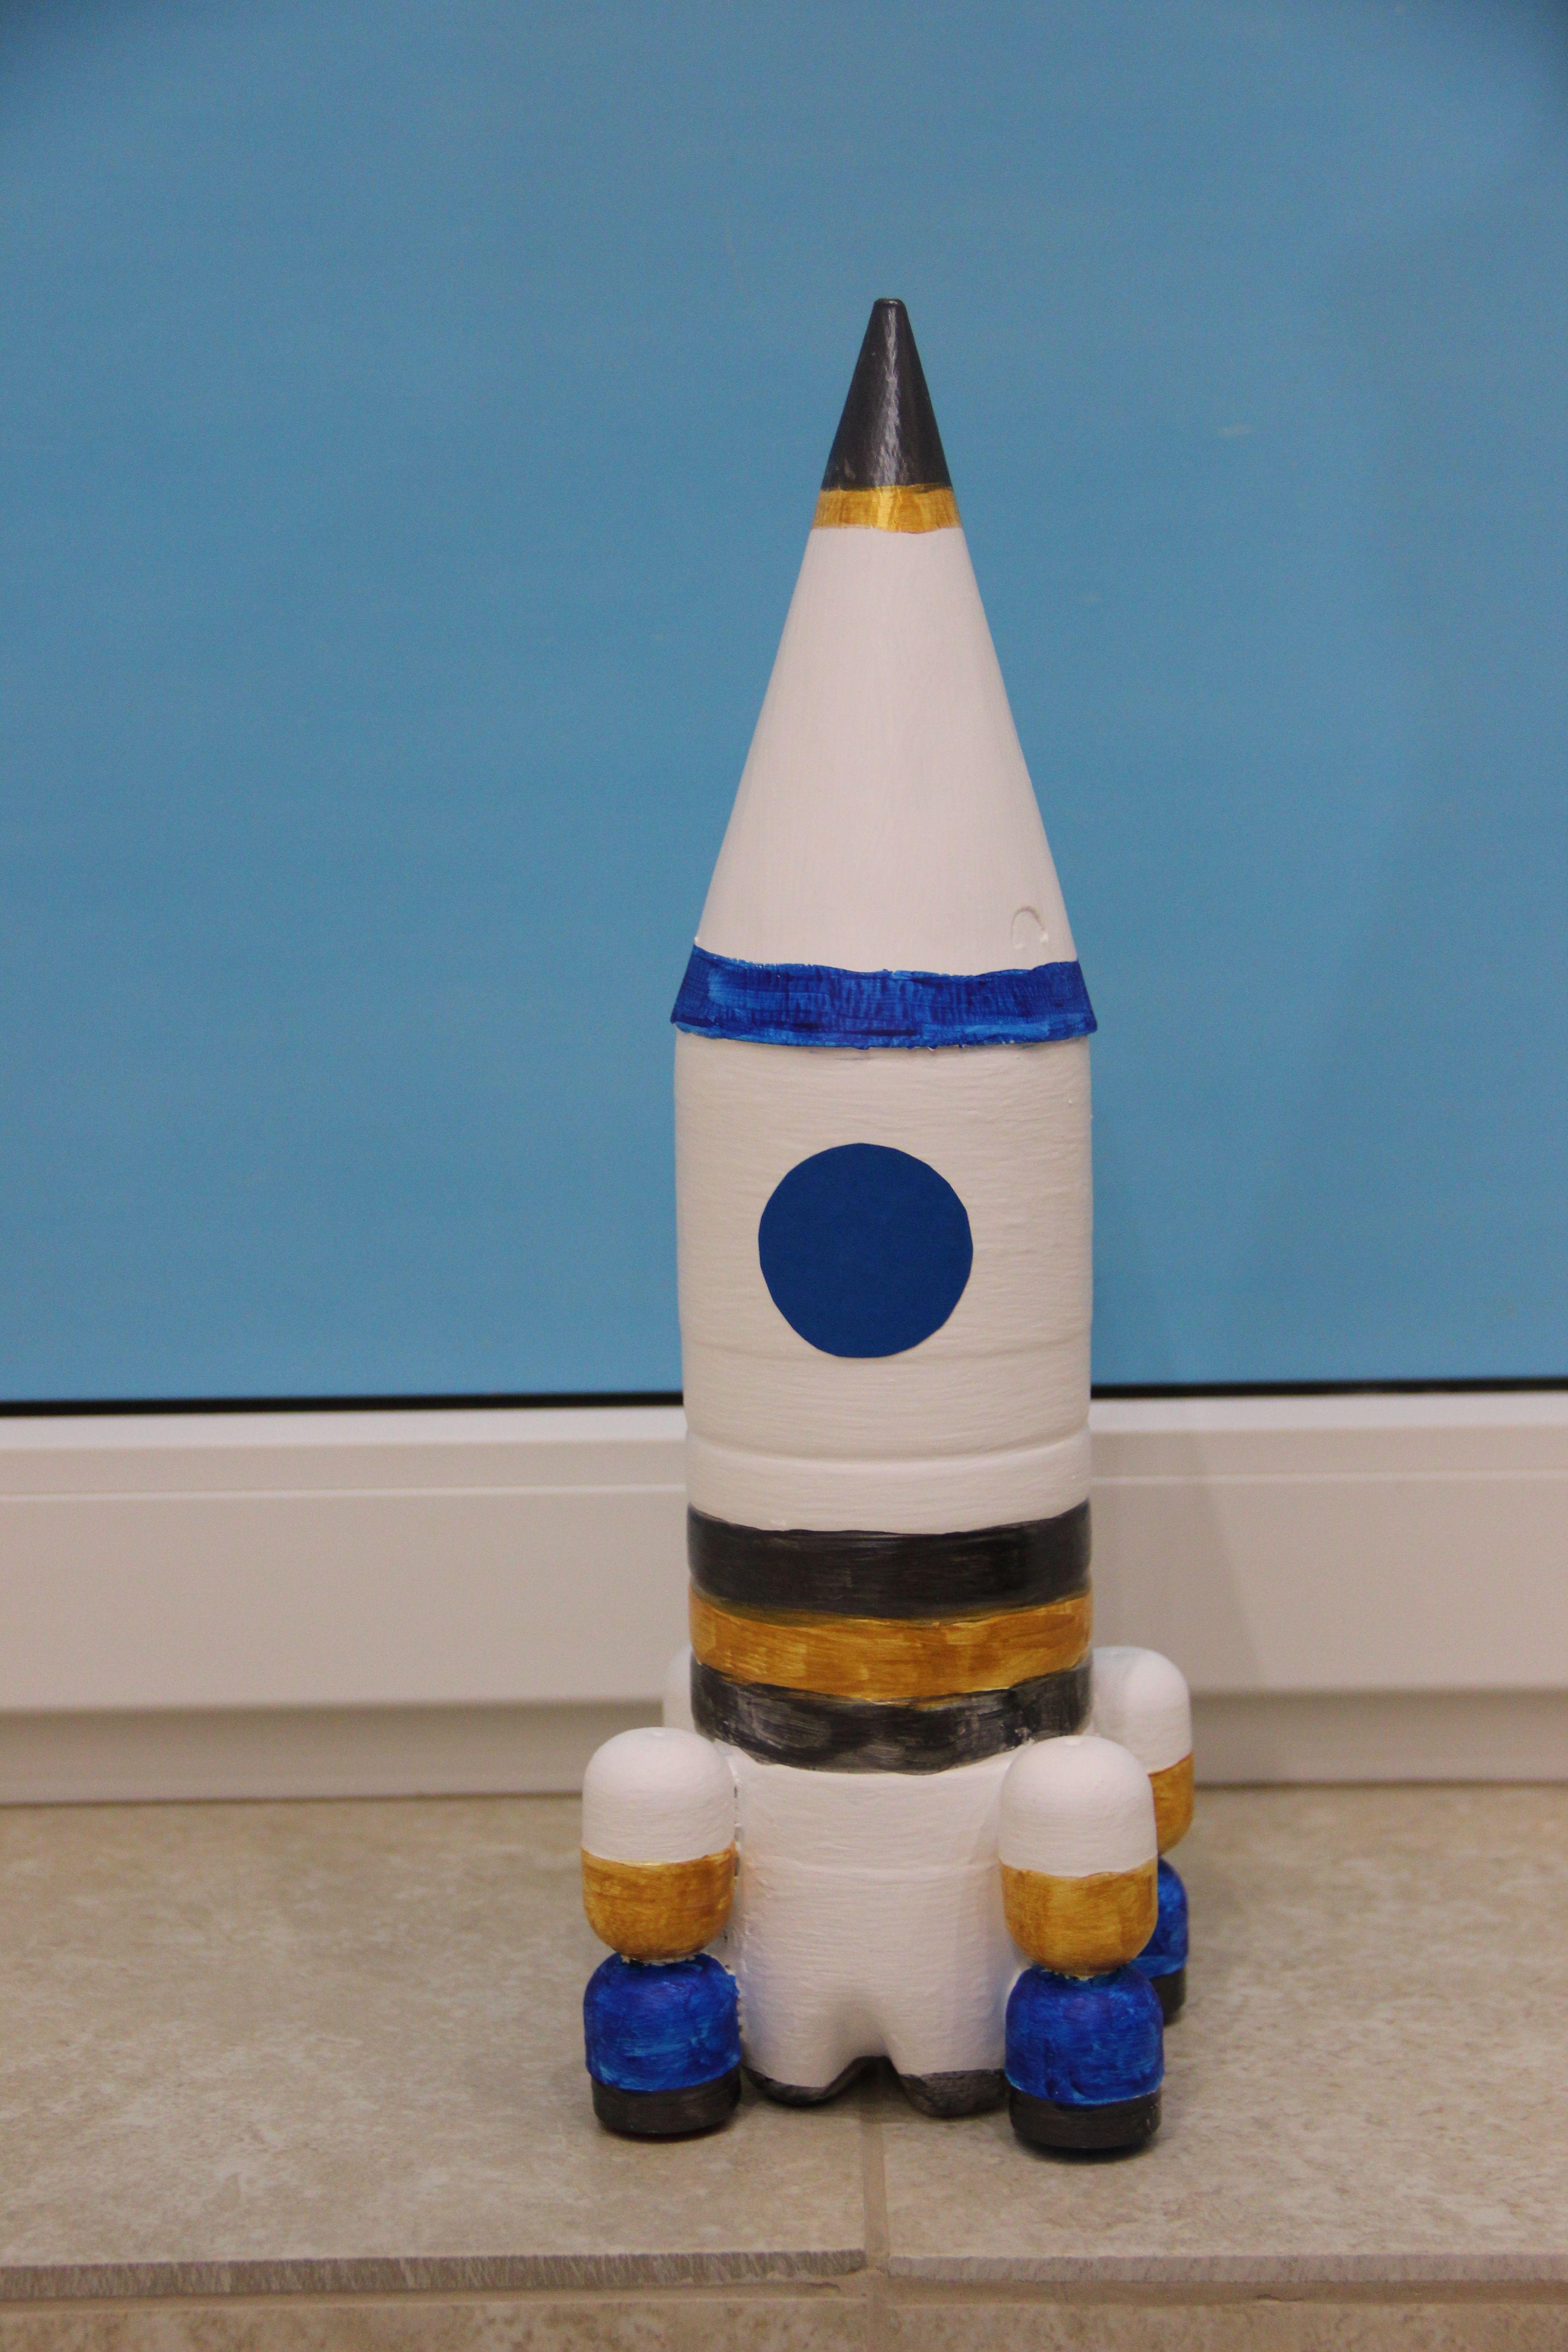 Ракету своими руками не выходя из дома. как сделать ракету из картона своими руками – схемы деталей и процесс работы. как сделать простую ракету из бутылки с пусковым механизмом, чтобы она взлетала